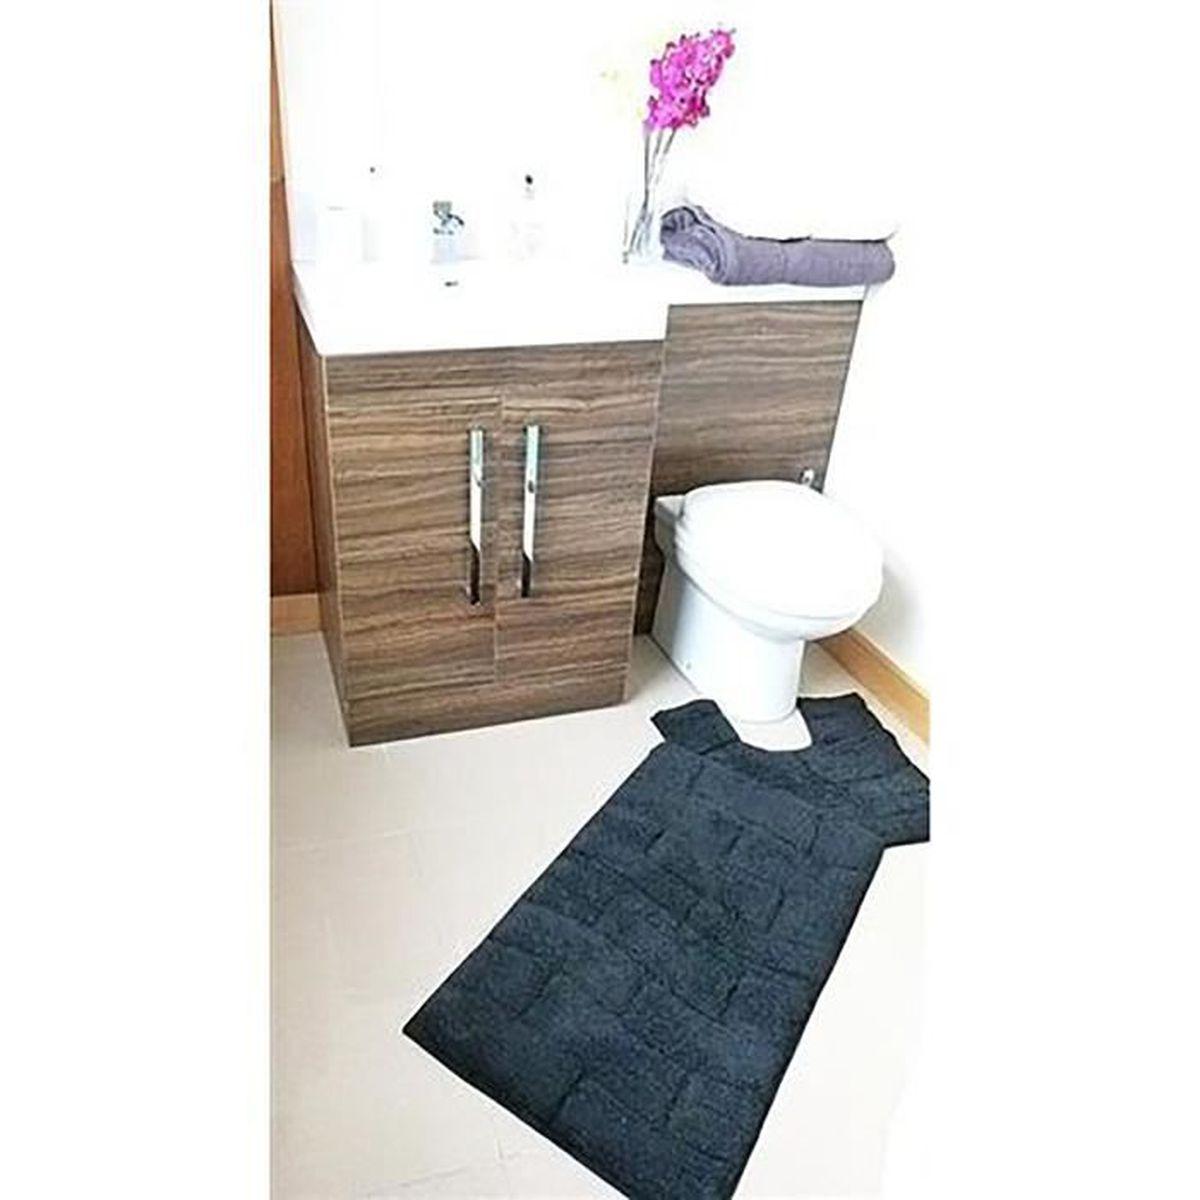 Ensemble tapis salle de bain contour wc photographs galerie d 39 inspiration pour la meilleure - Ensemble tapis salle de bain et wc ...